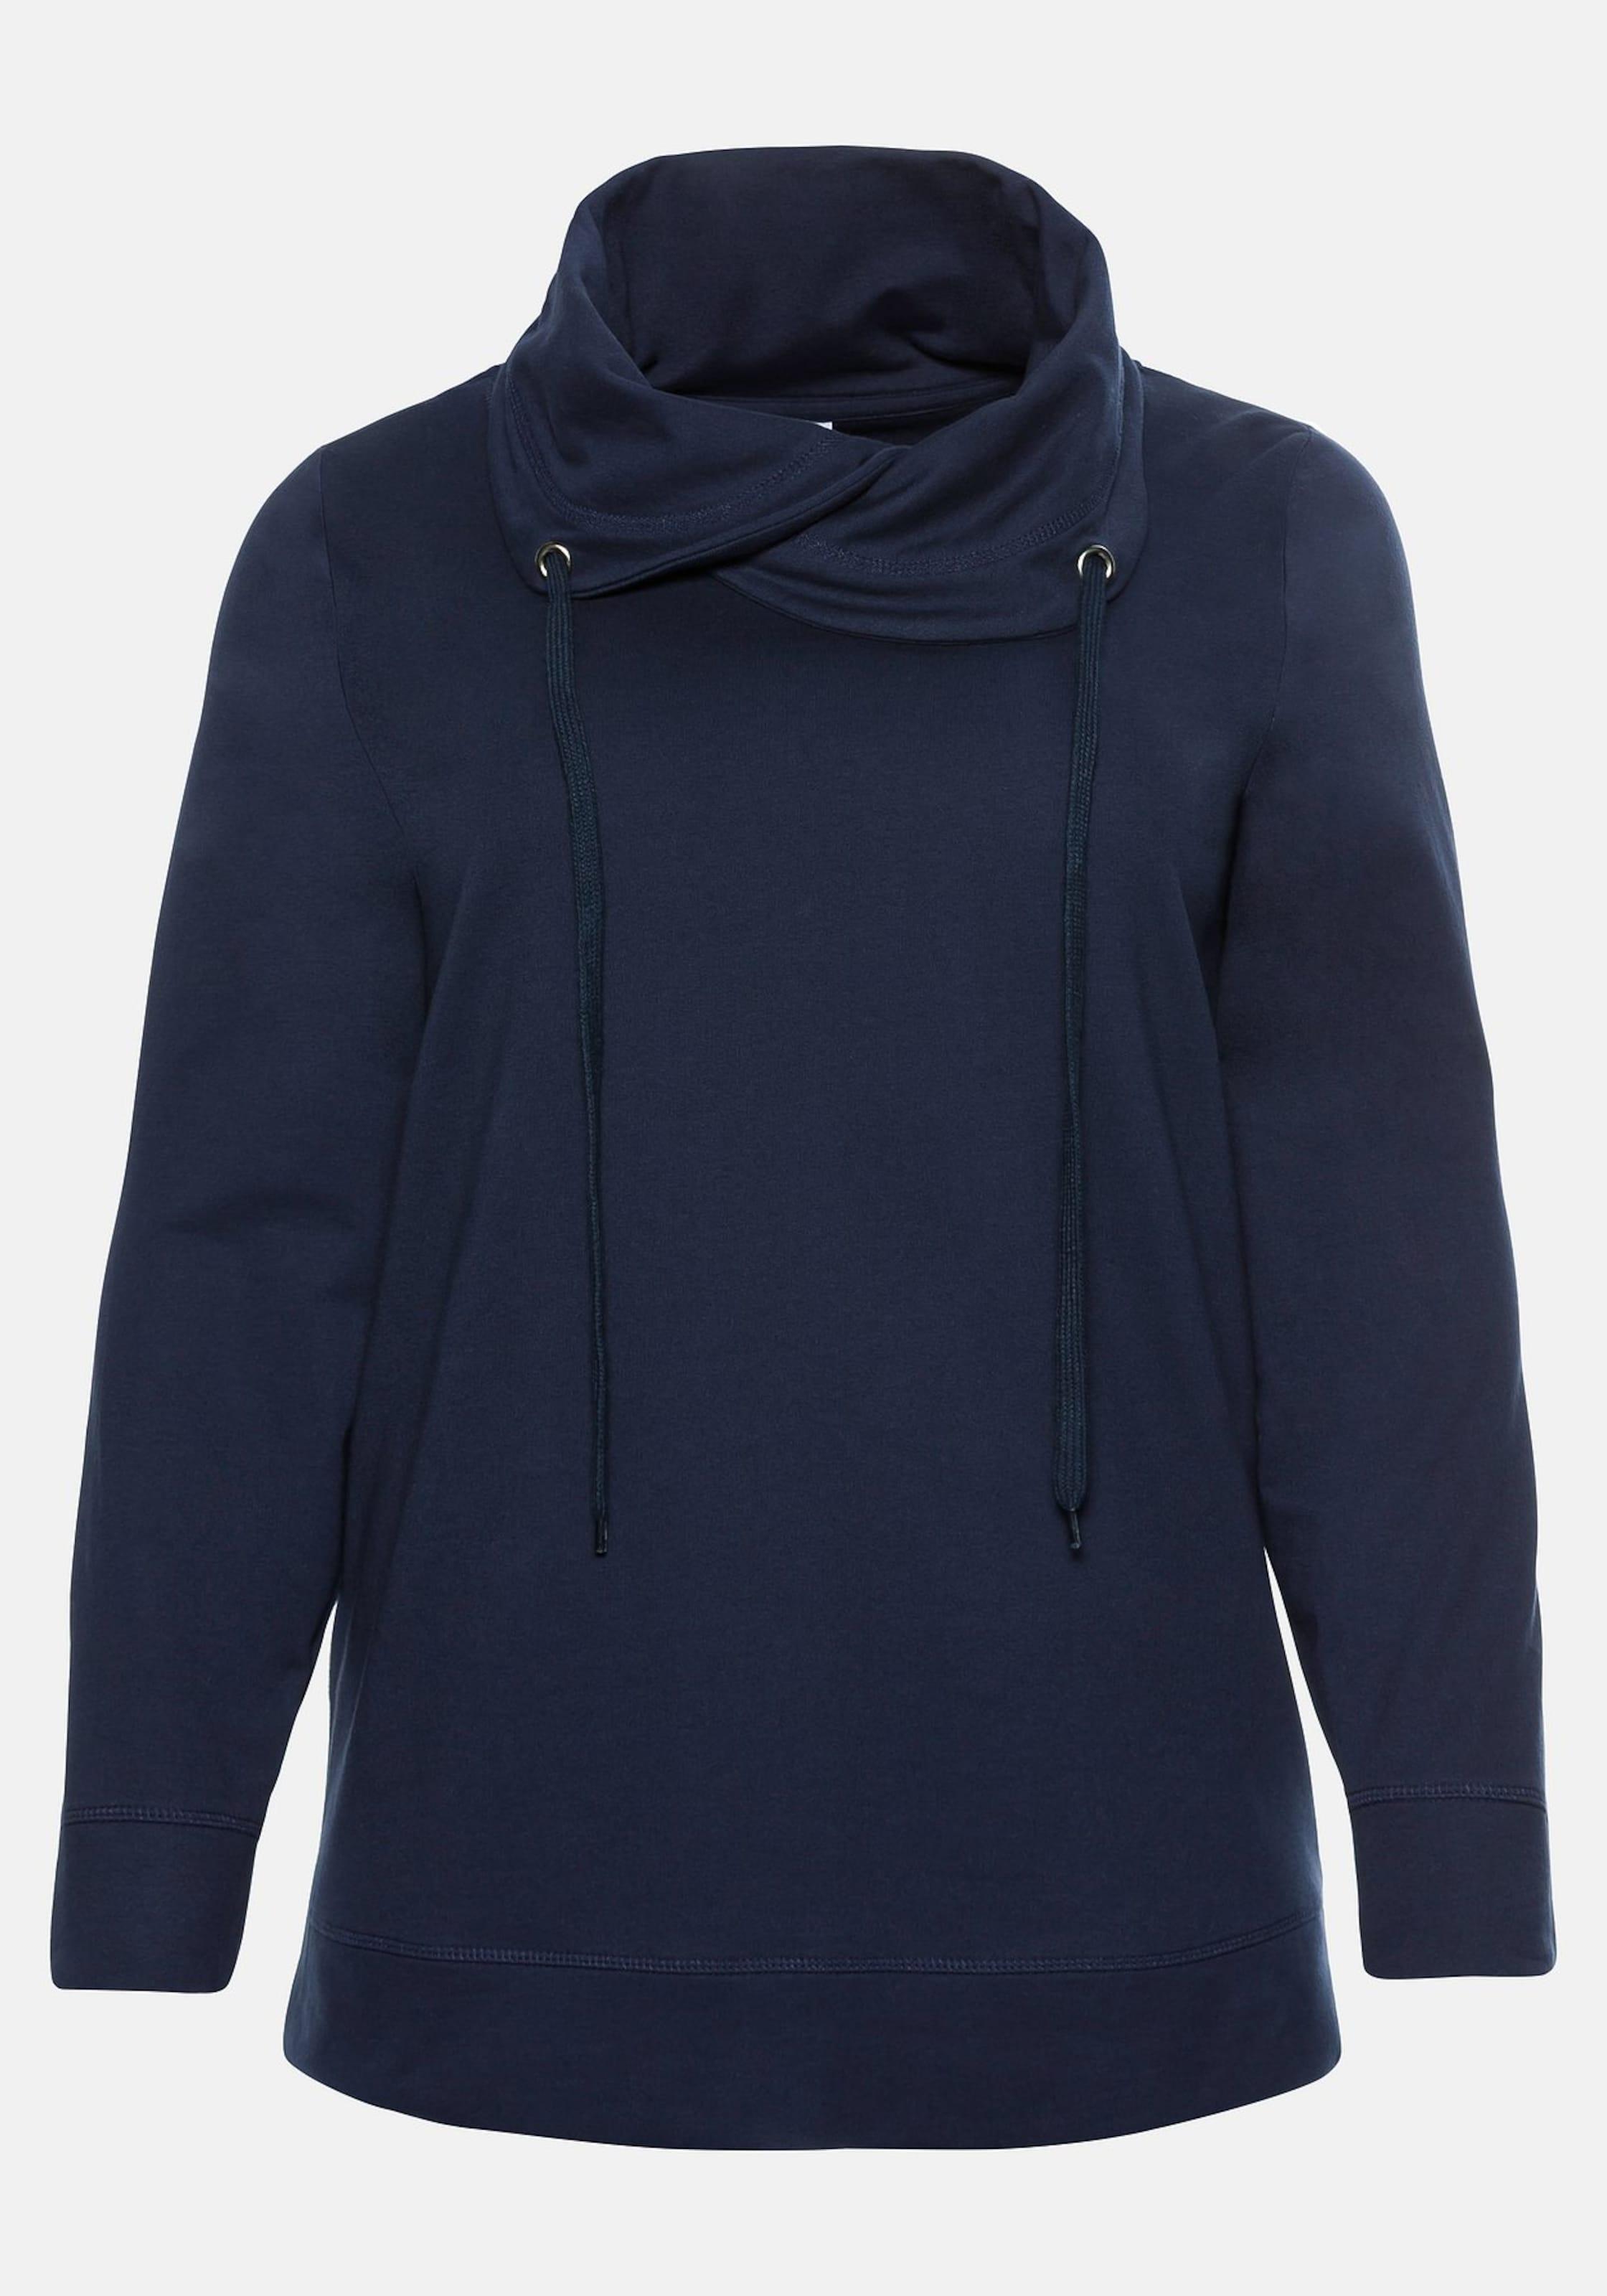 Sheego Marine Sweatshirt Sheego Sheego Casual In Sweatshirt Marine In Casual Casual 3Lc5RqA4j